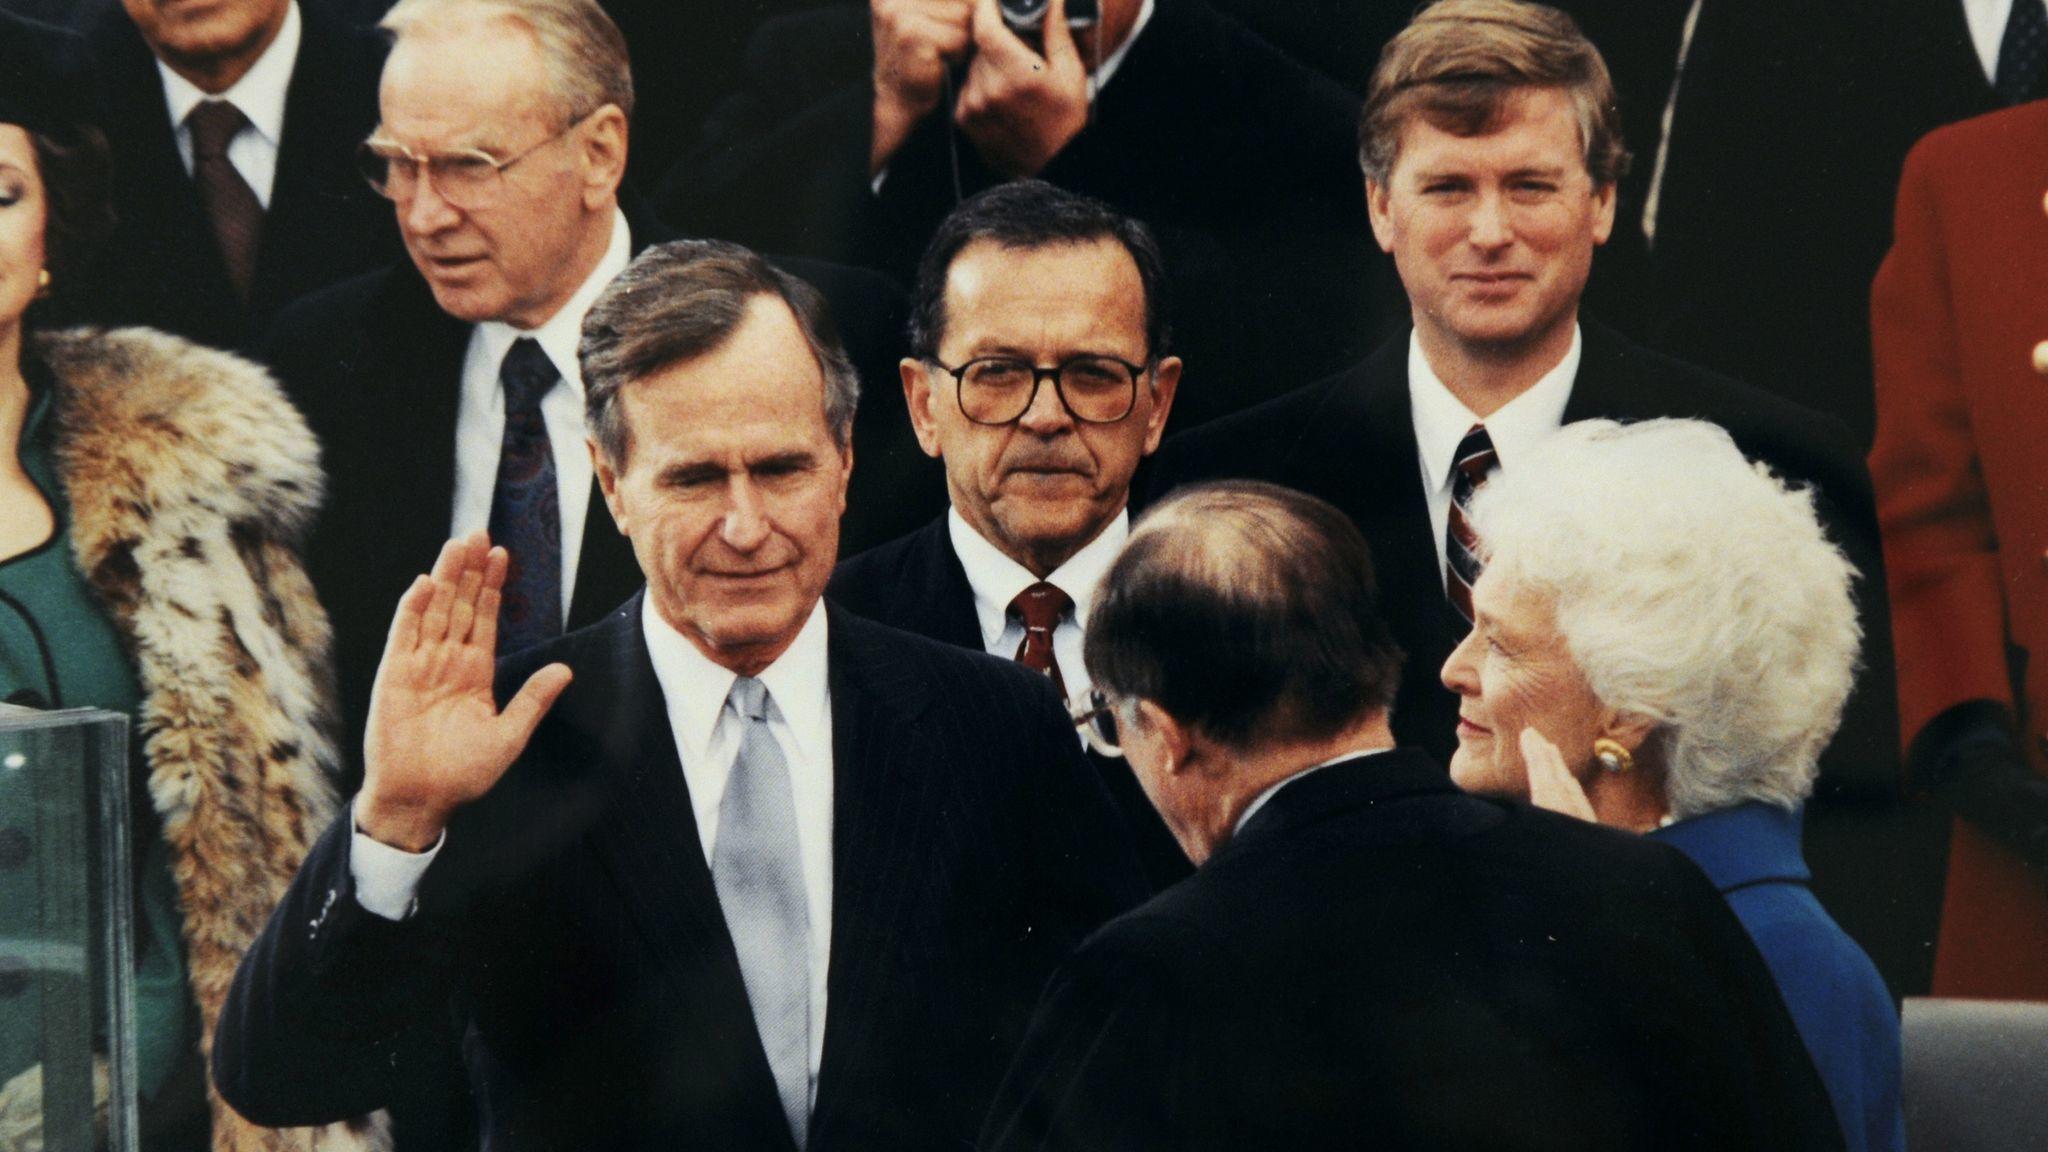 Muere George H.W. Bush; el presidente número 41 de EE.UU. Atestiguó el final de la Guerra Fría